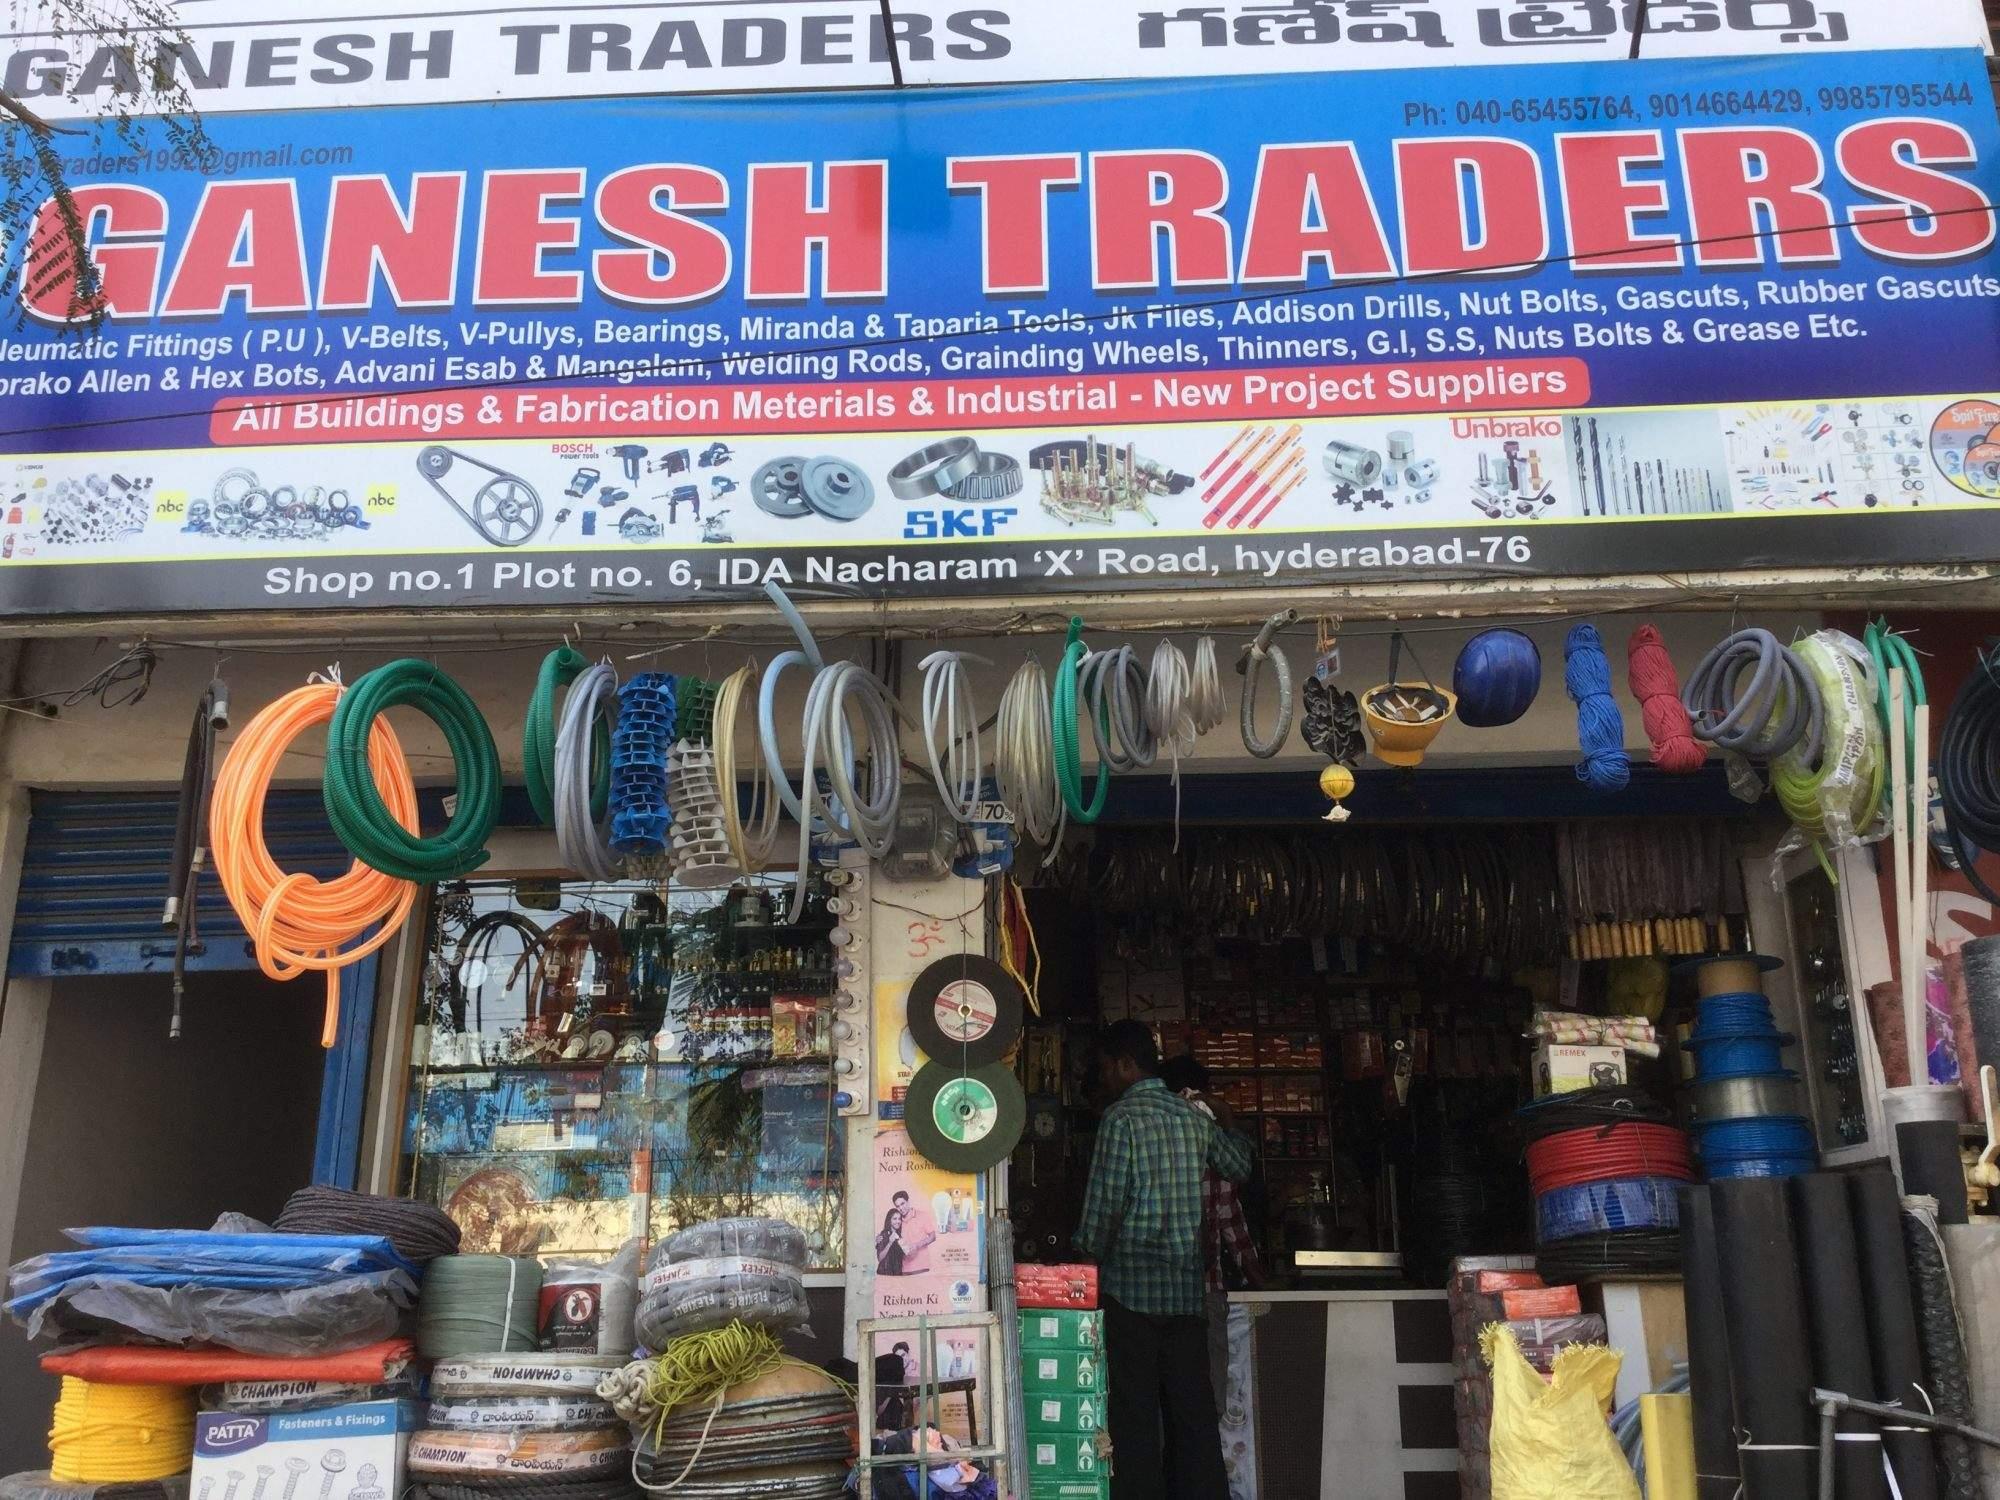 Top 50 Hardware Shops in Nacharam - Best Hardware Stores Hyderabad